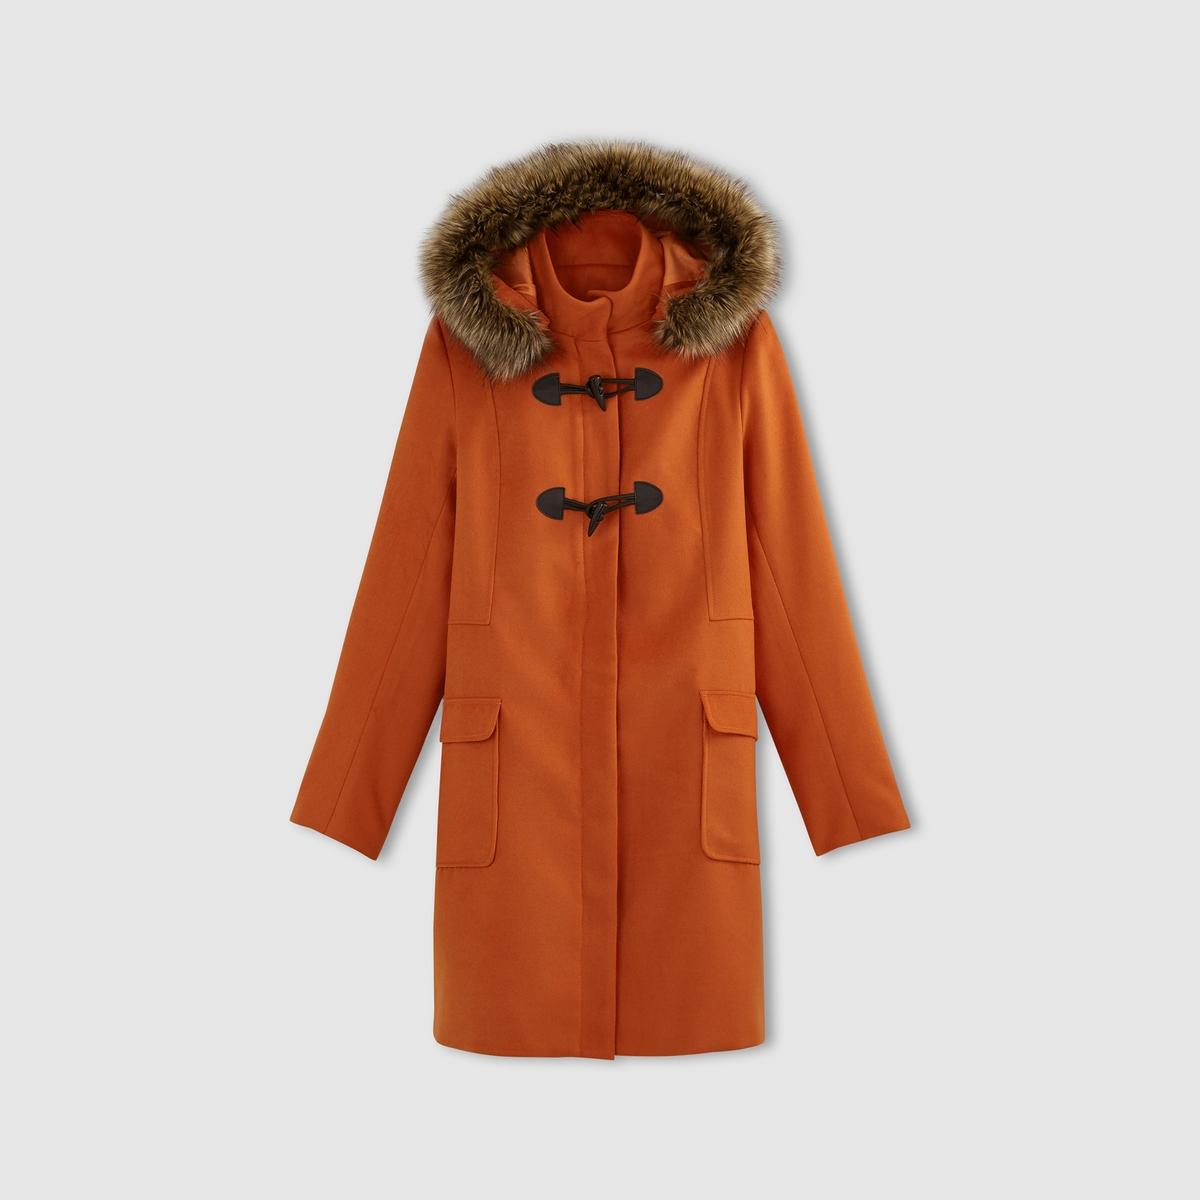 Короткое пальто с капюшономСостав и описаниеМатериал              88% полиэстера, 10% вискозы, 2% эластанаПодкладка           100% полиэстер  Искусственный мех 80% акрила 20% полиэстера Длина          92 смМарка:  R ?dition.  УходСухая чистка или машинная стирка при 30° (с одеждой подобного цвета) - Не отбеливать - Не гладить -Барабанная сушка запрещена<br><br>Цвет: бордовый,оранжевый,синий морской,черный<br>Размер: 50 (FR) - 56 (RUS).36 (FR) - 42 (RUS).42 (FR) - 48 (RUS).40 (FR) - 46 (RUS).38 (FR) - 44 (RUS).40 (FR) - 46 (RUS).38 (FR) - 44 (RUS)